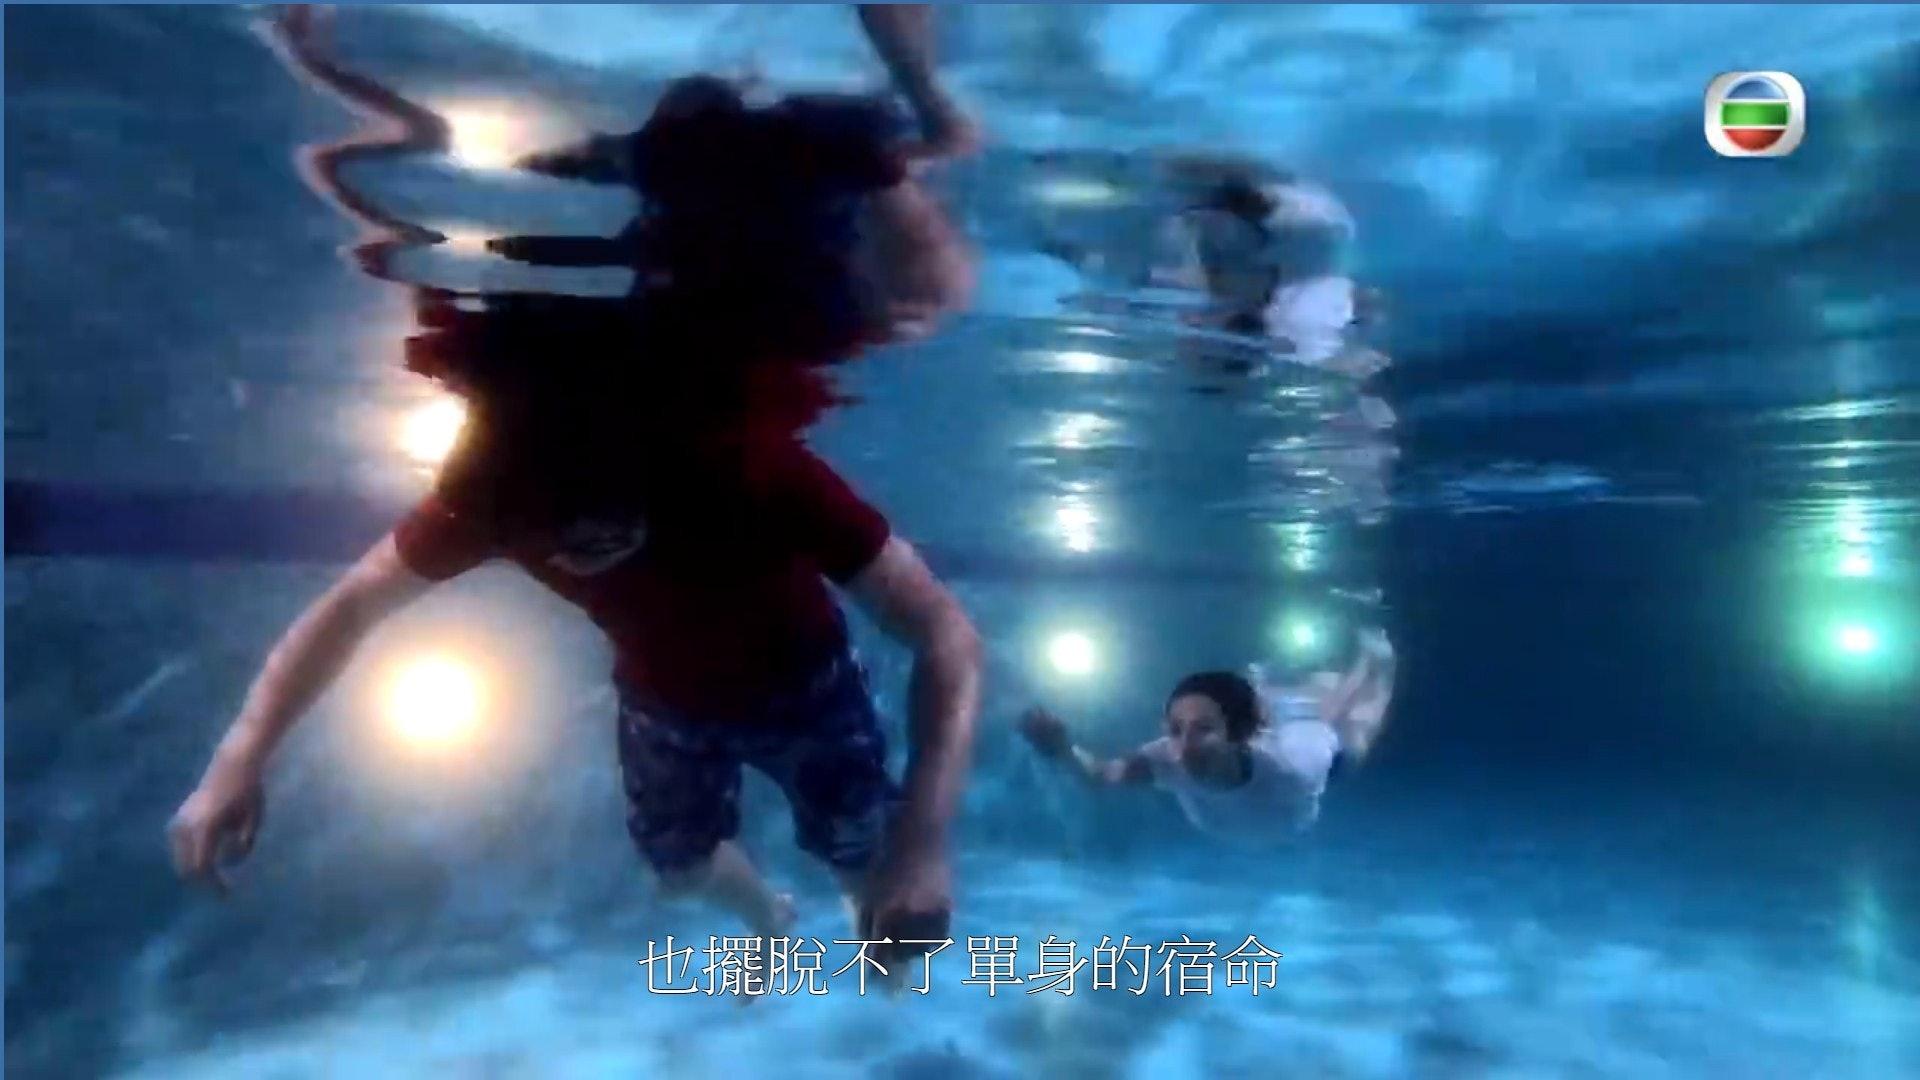 對於網民的讚賞,何泳芍:咁多女神都唔輪到我啦。(電視截圖)